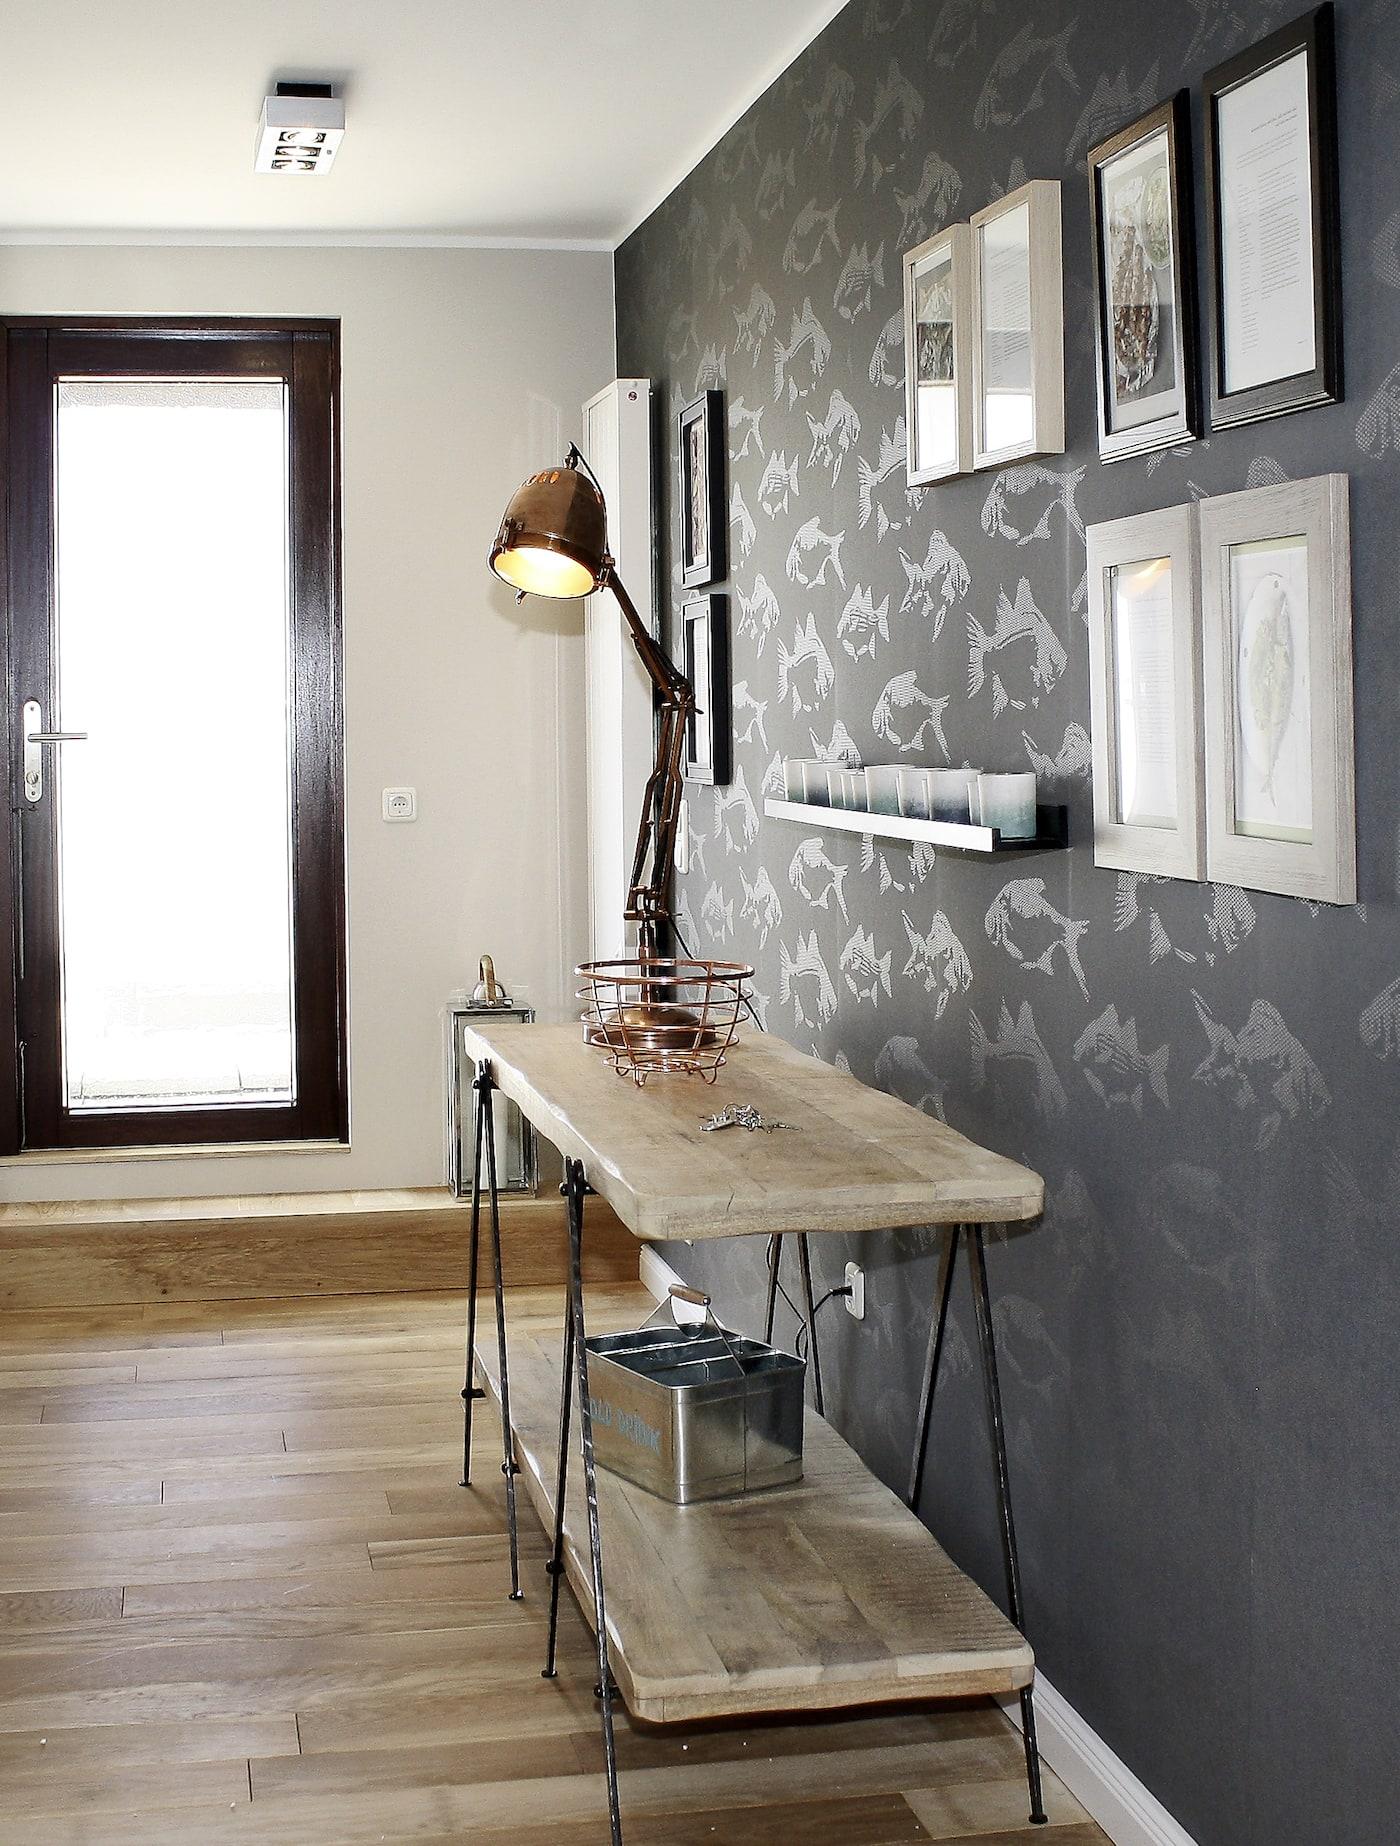 einrichtung von ferienwohnungen penthouse horizonte. Black Bedroom Furniture Sets. Home Design Ideas